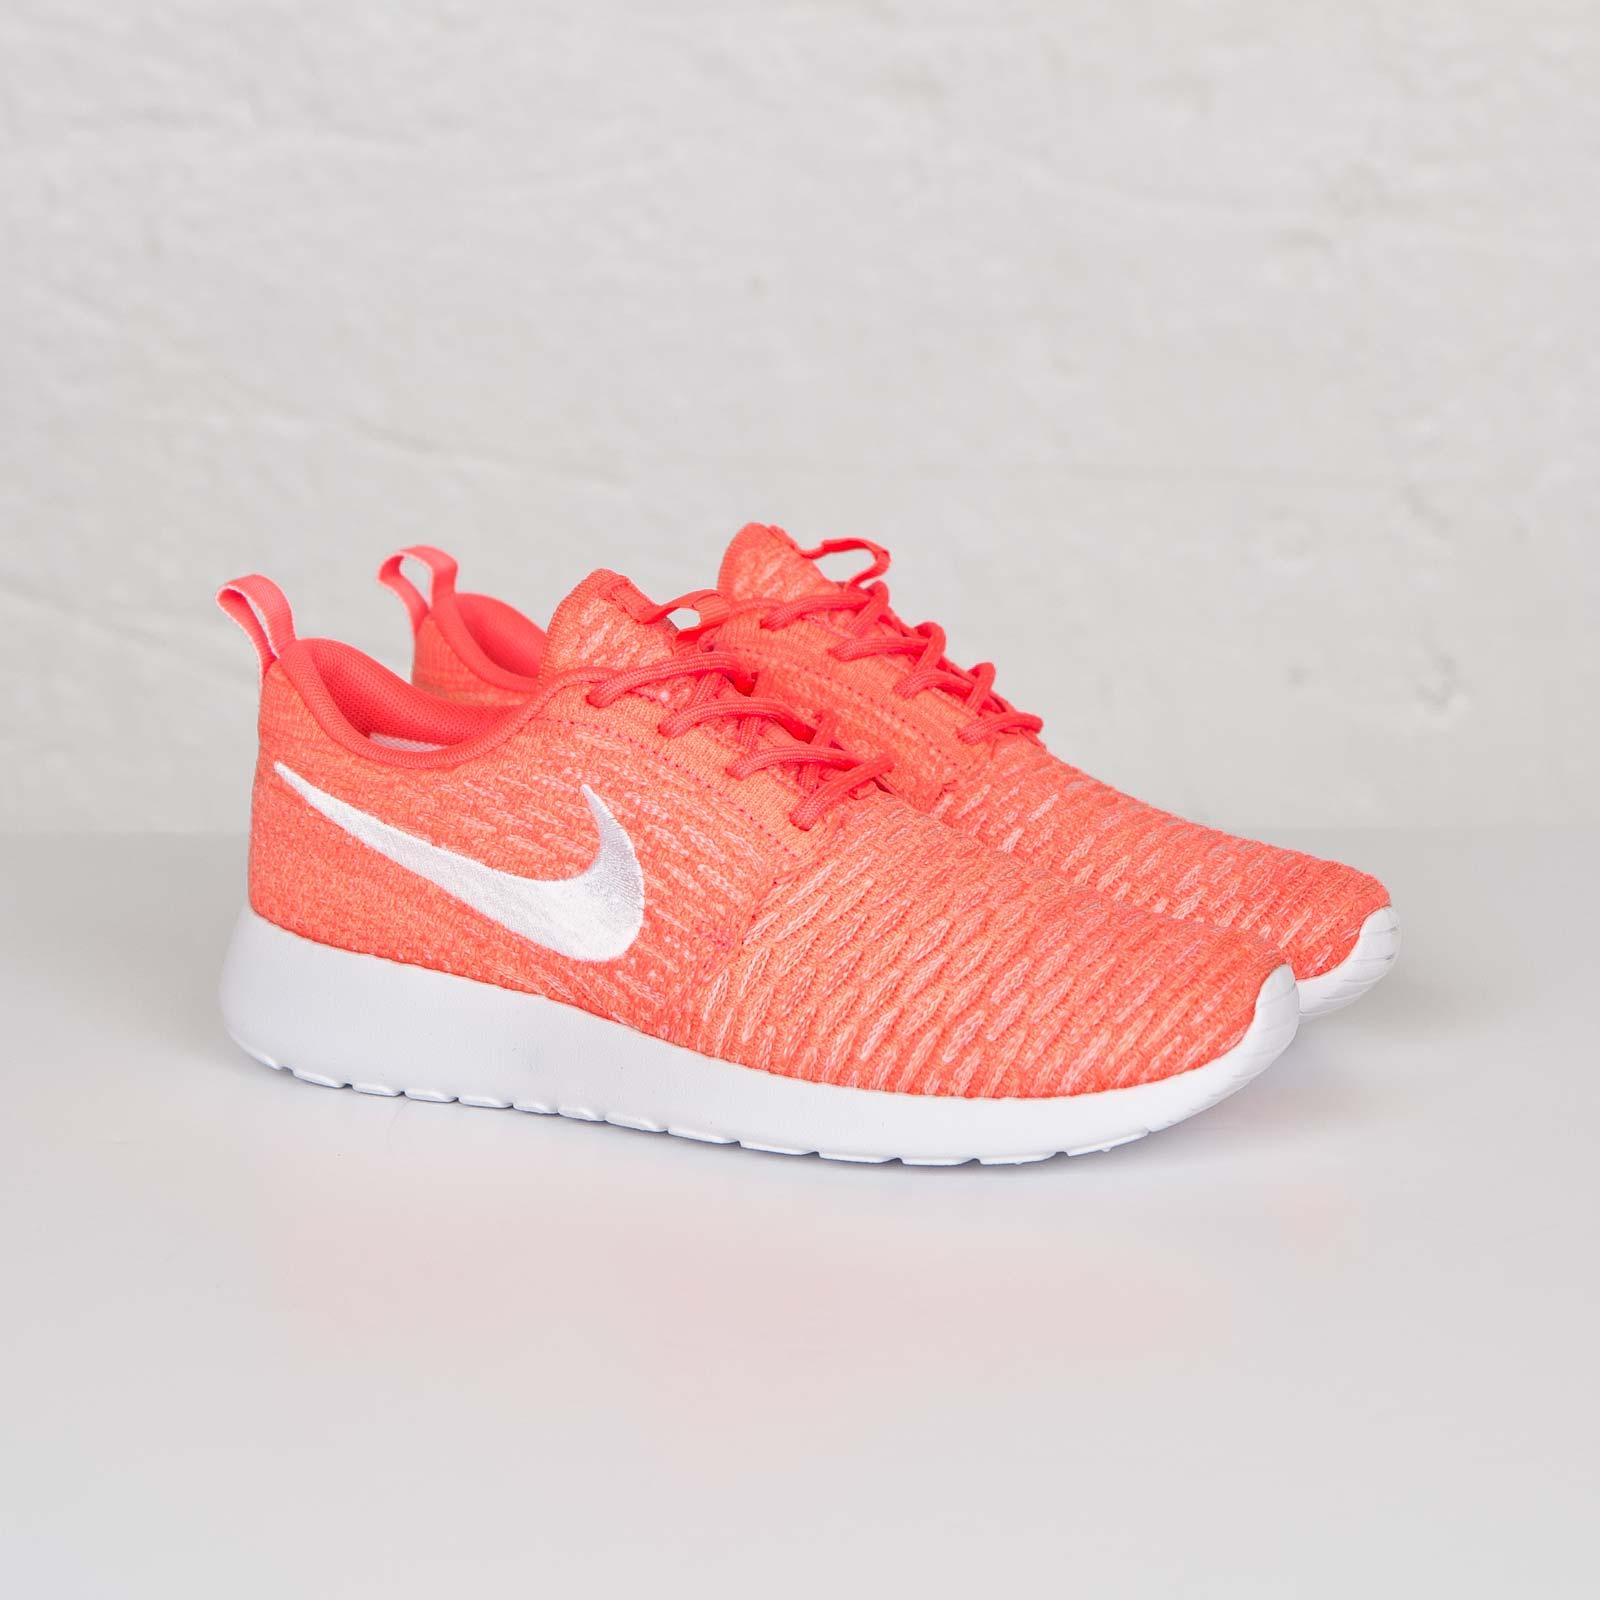 info for 50b74 1ab7d Nike Wmns Roshe Run Flyknit